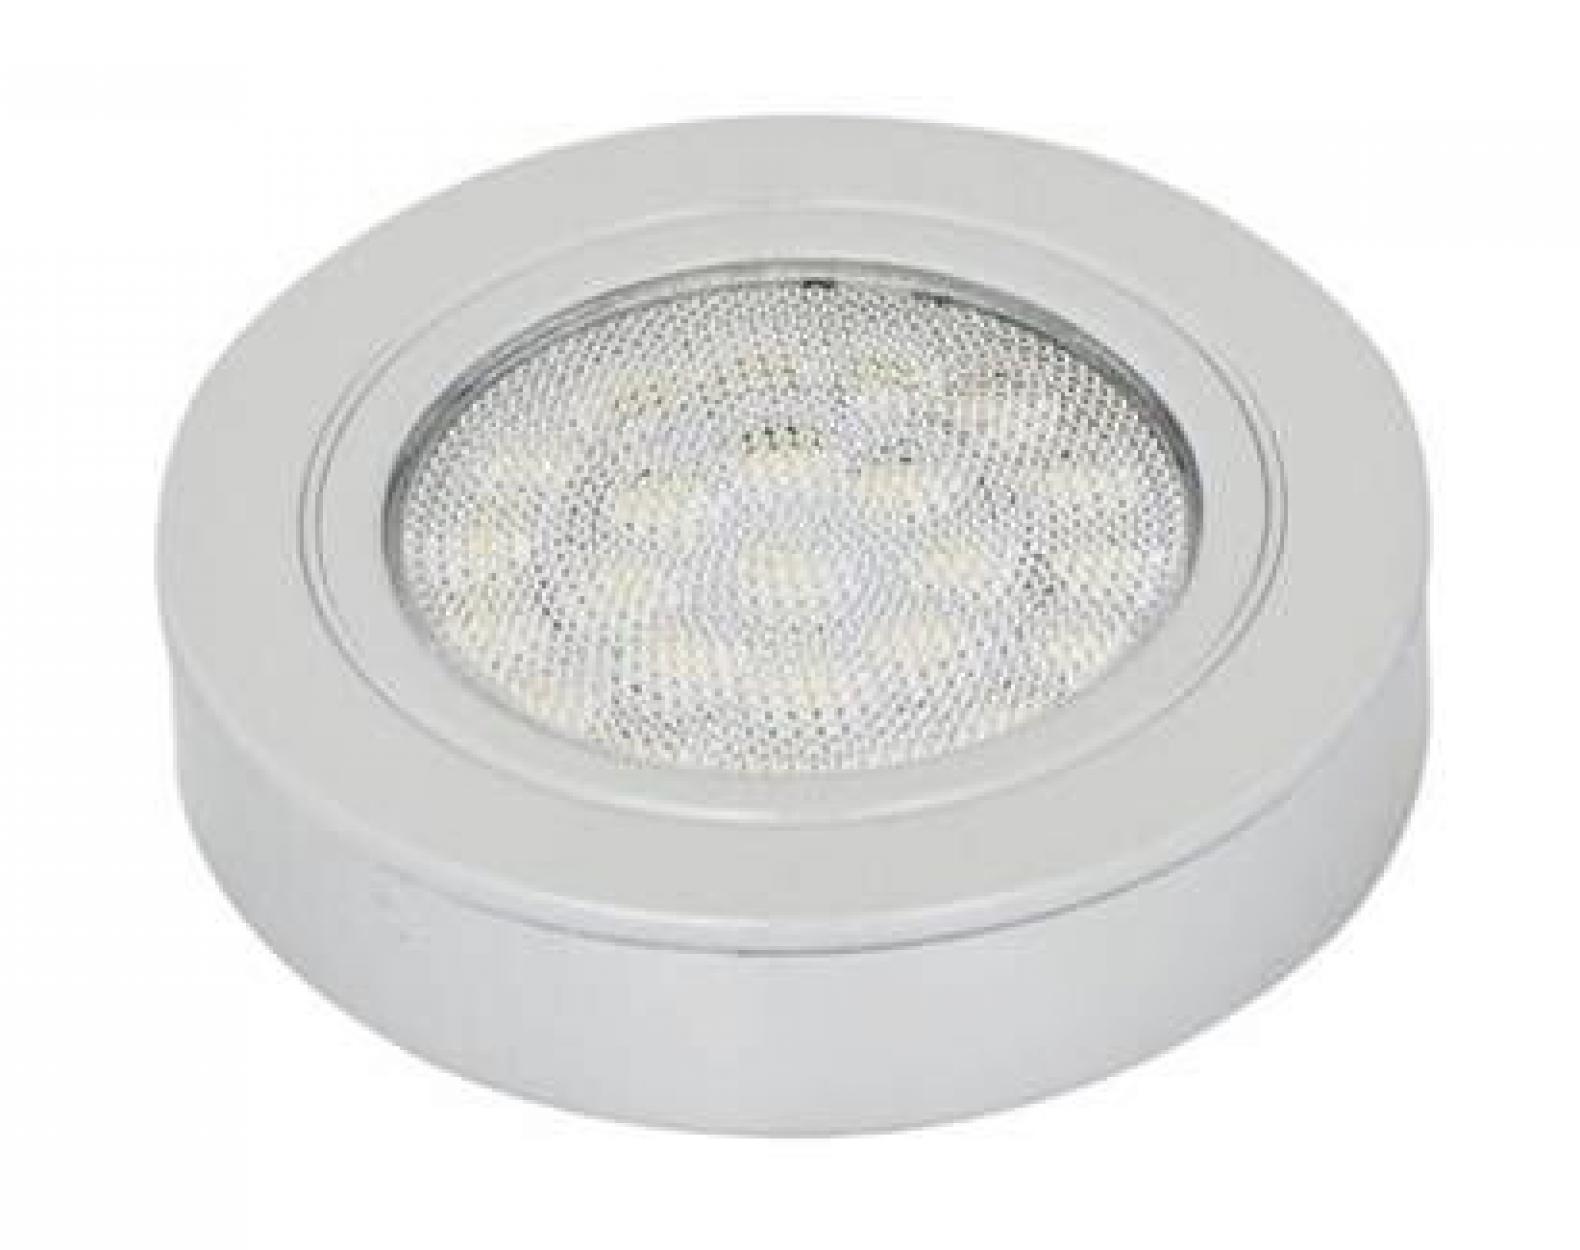 Светильник 226 светодиодный 3000К (теплый свет), серебристый